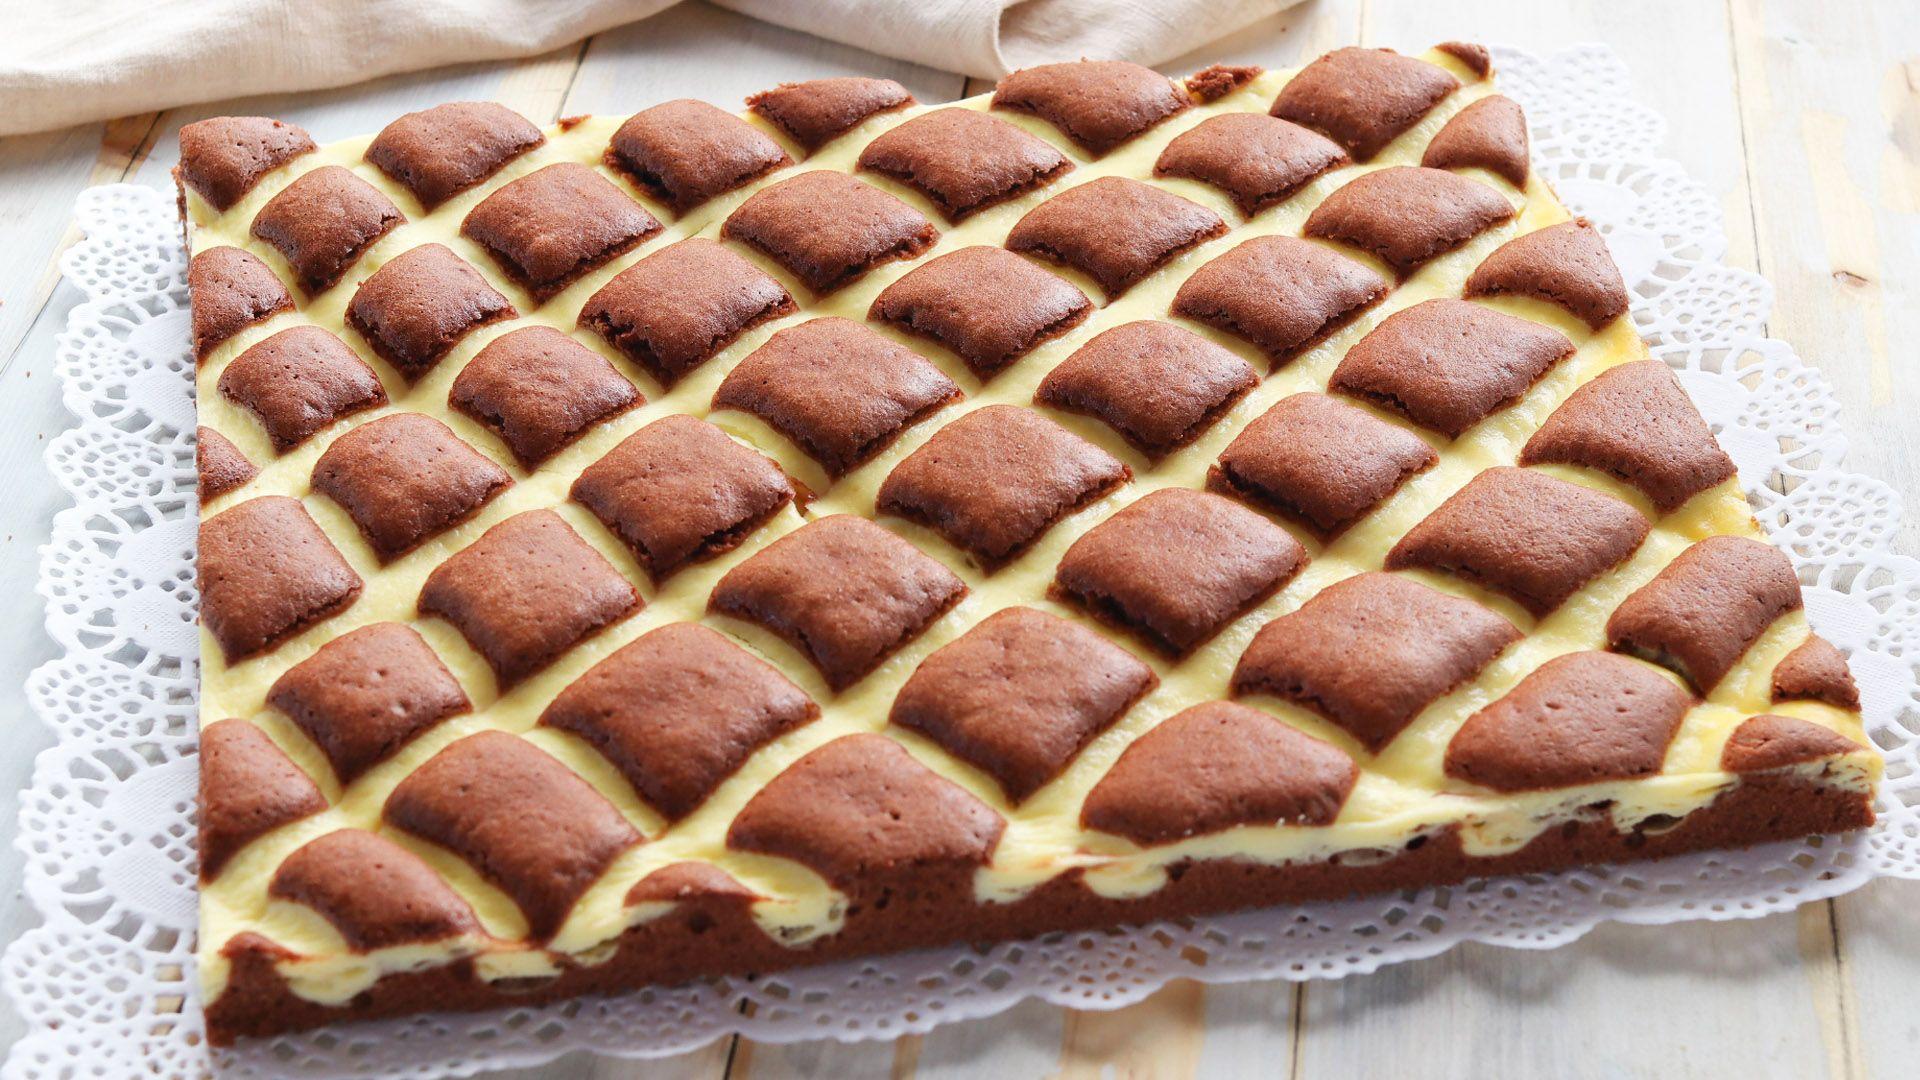 fb5b802a6e4832f5306b08e586588d94 - Cheesecake Ricette Originali